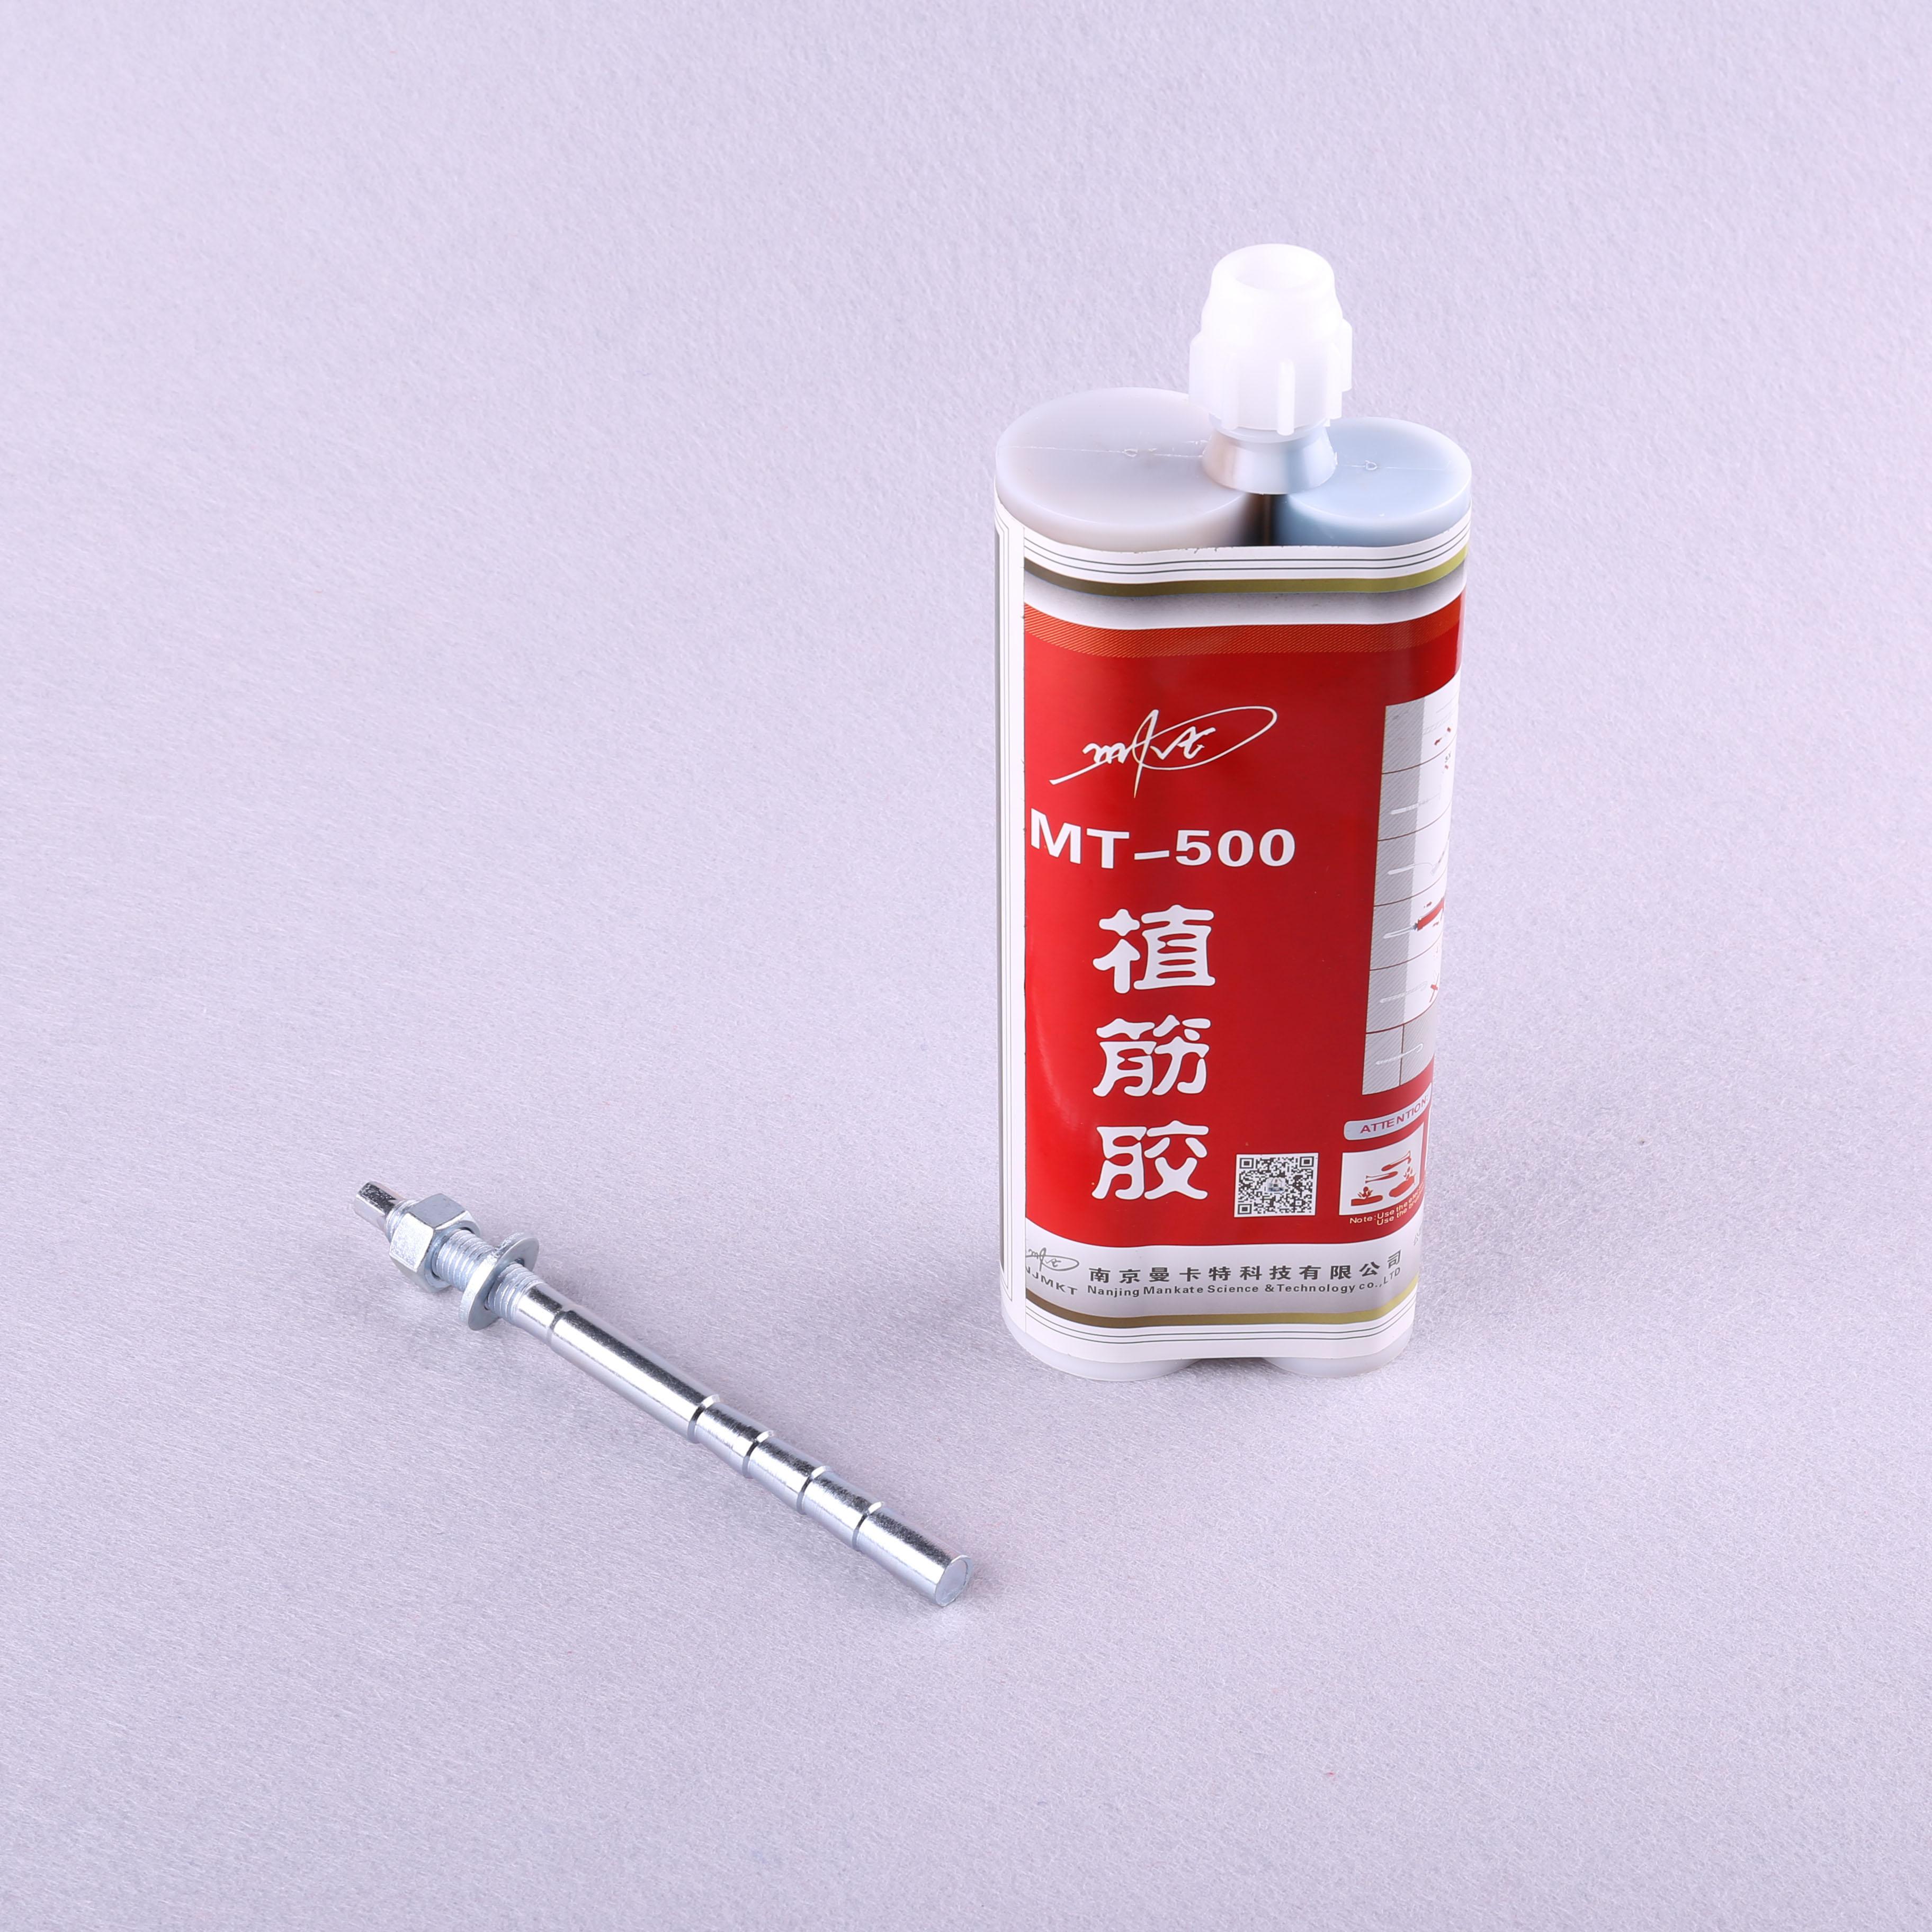 NJMKT定型化学锚栓 (2)